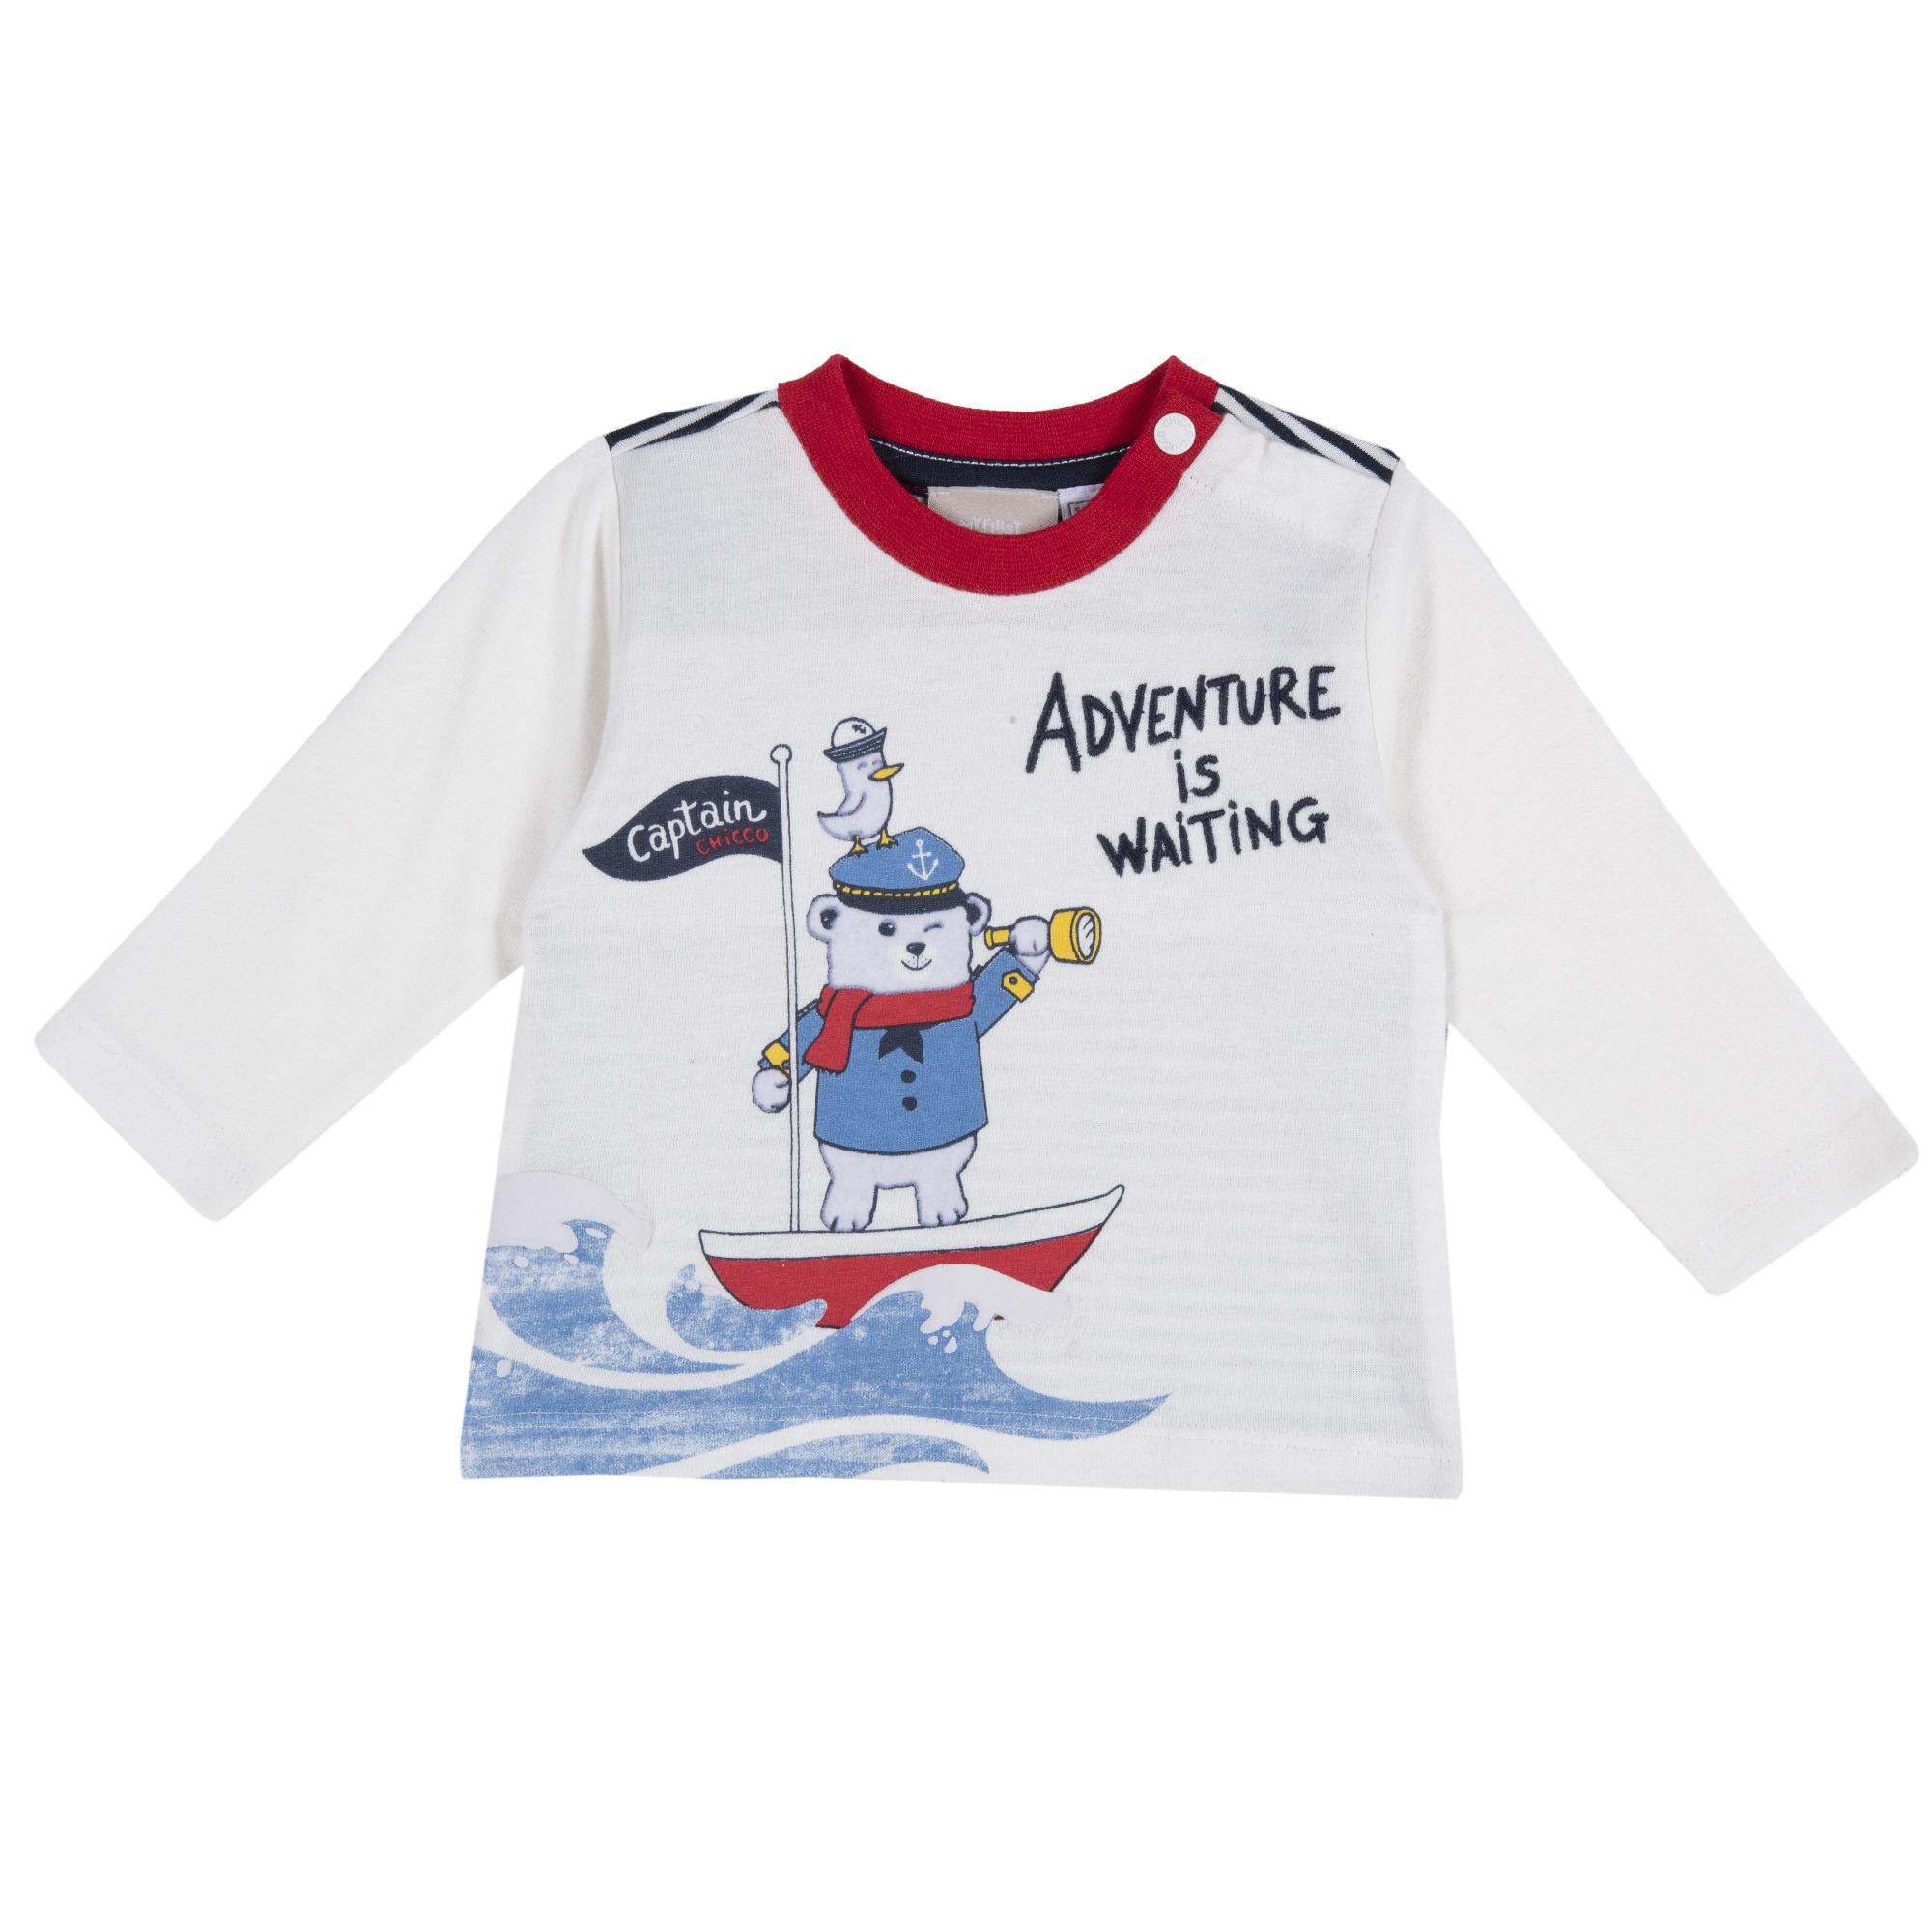 Bluza Copii Chicco, Alb, Imprimeu Vesel, 68688 imagine